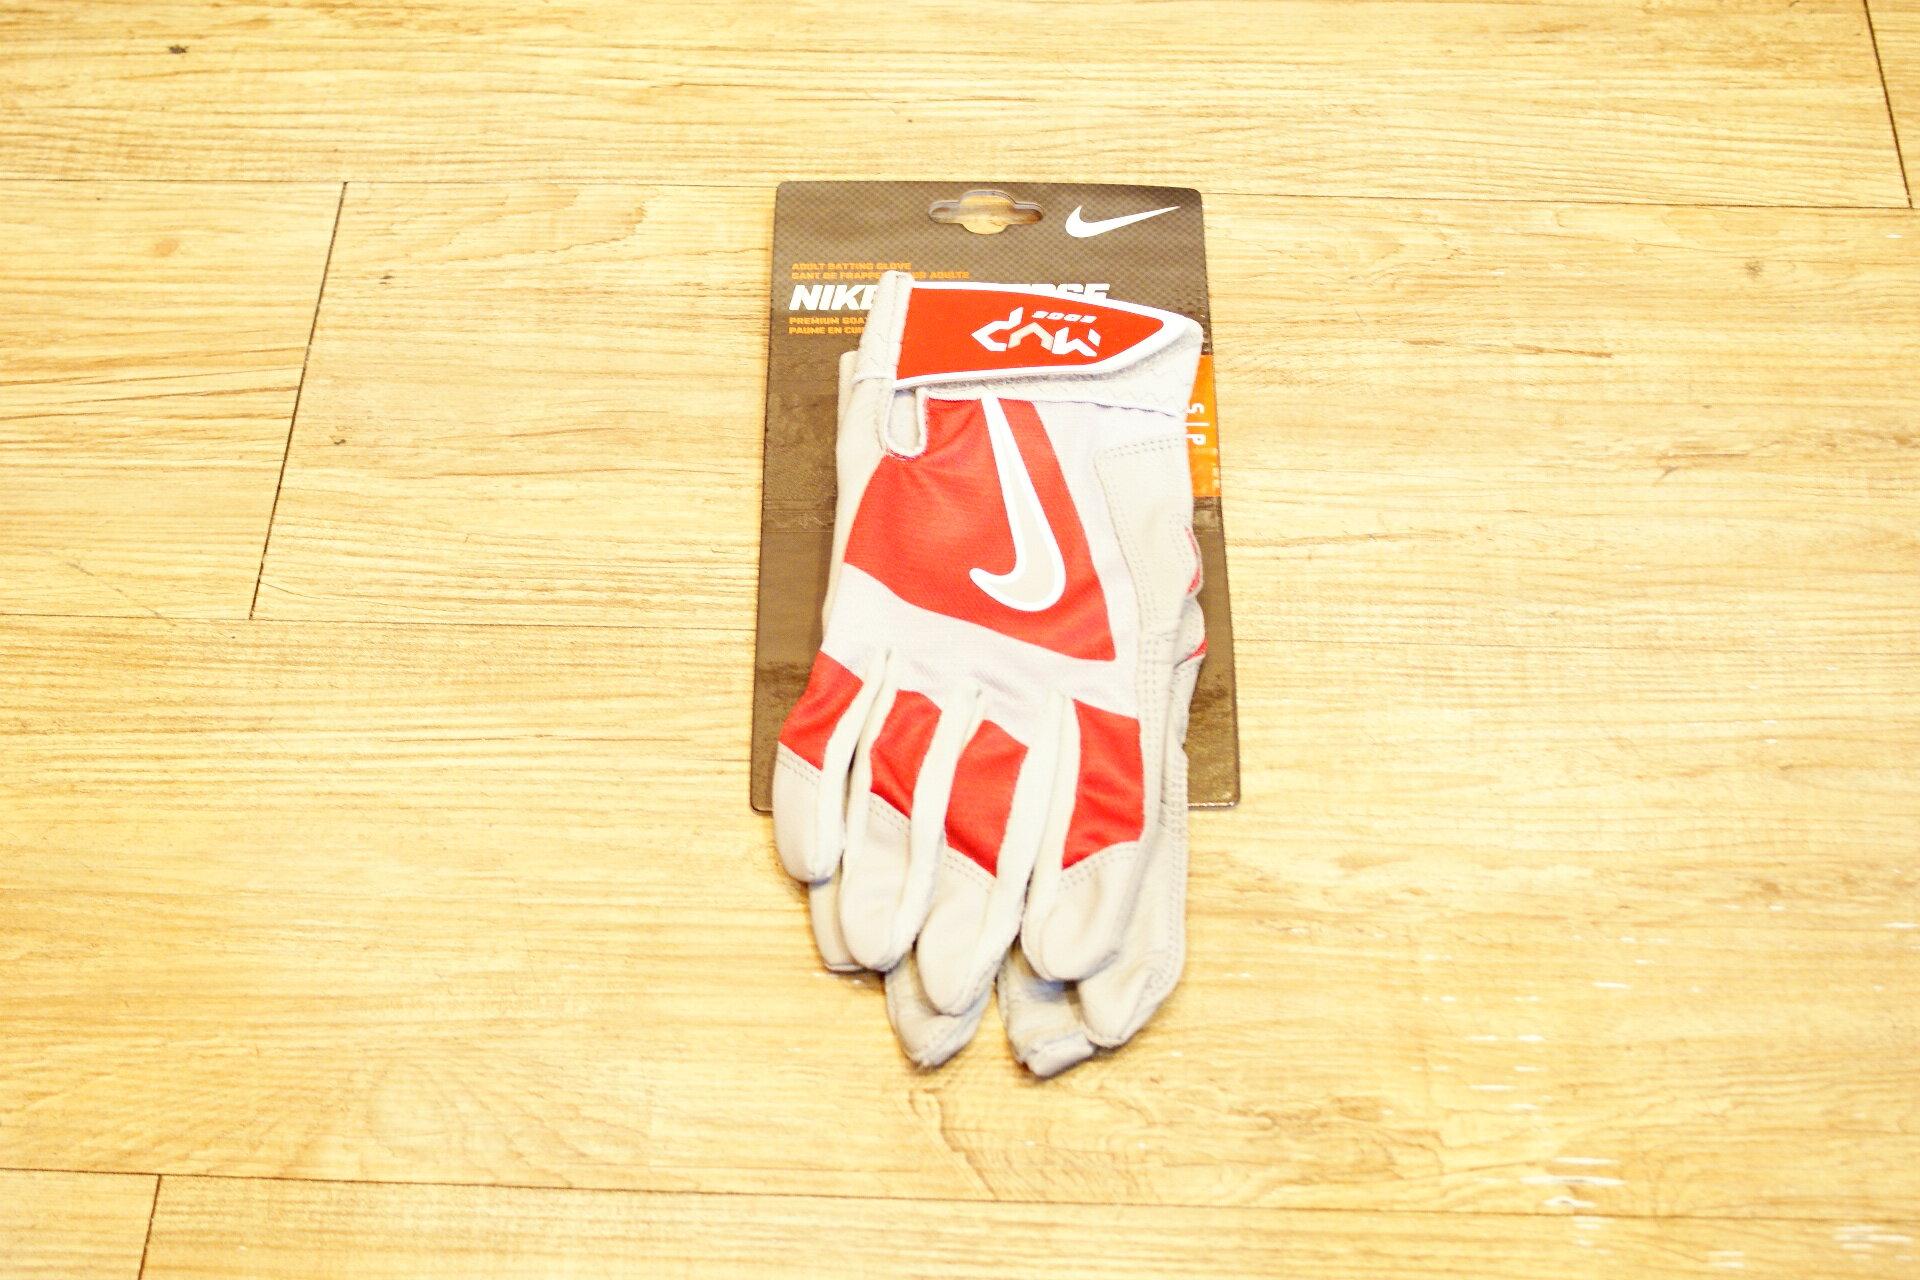 棒球世界 Nike MVP EDGE 最新款打擊手套每雙特價 紅灰色